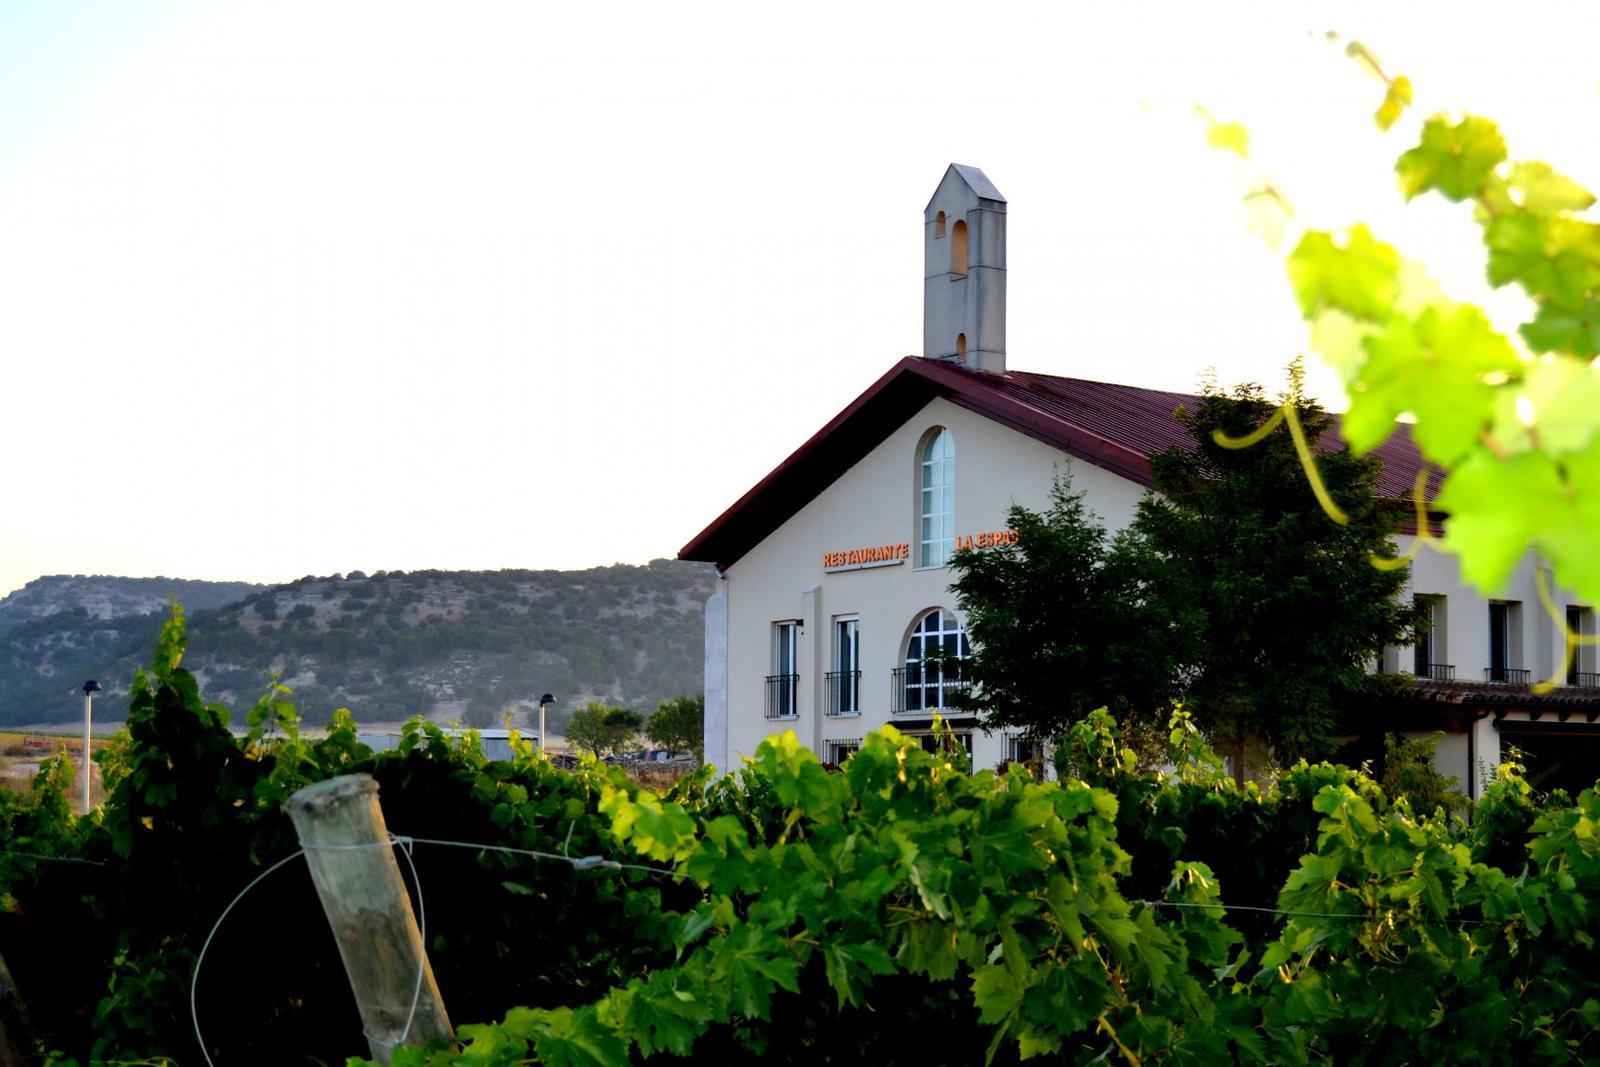 Restaurante del Hotel Emina rodeado de viñedos